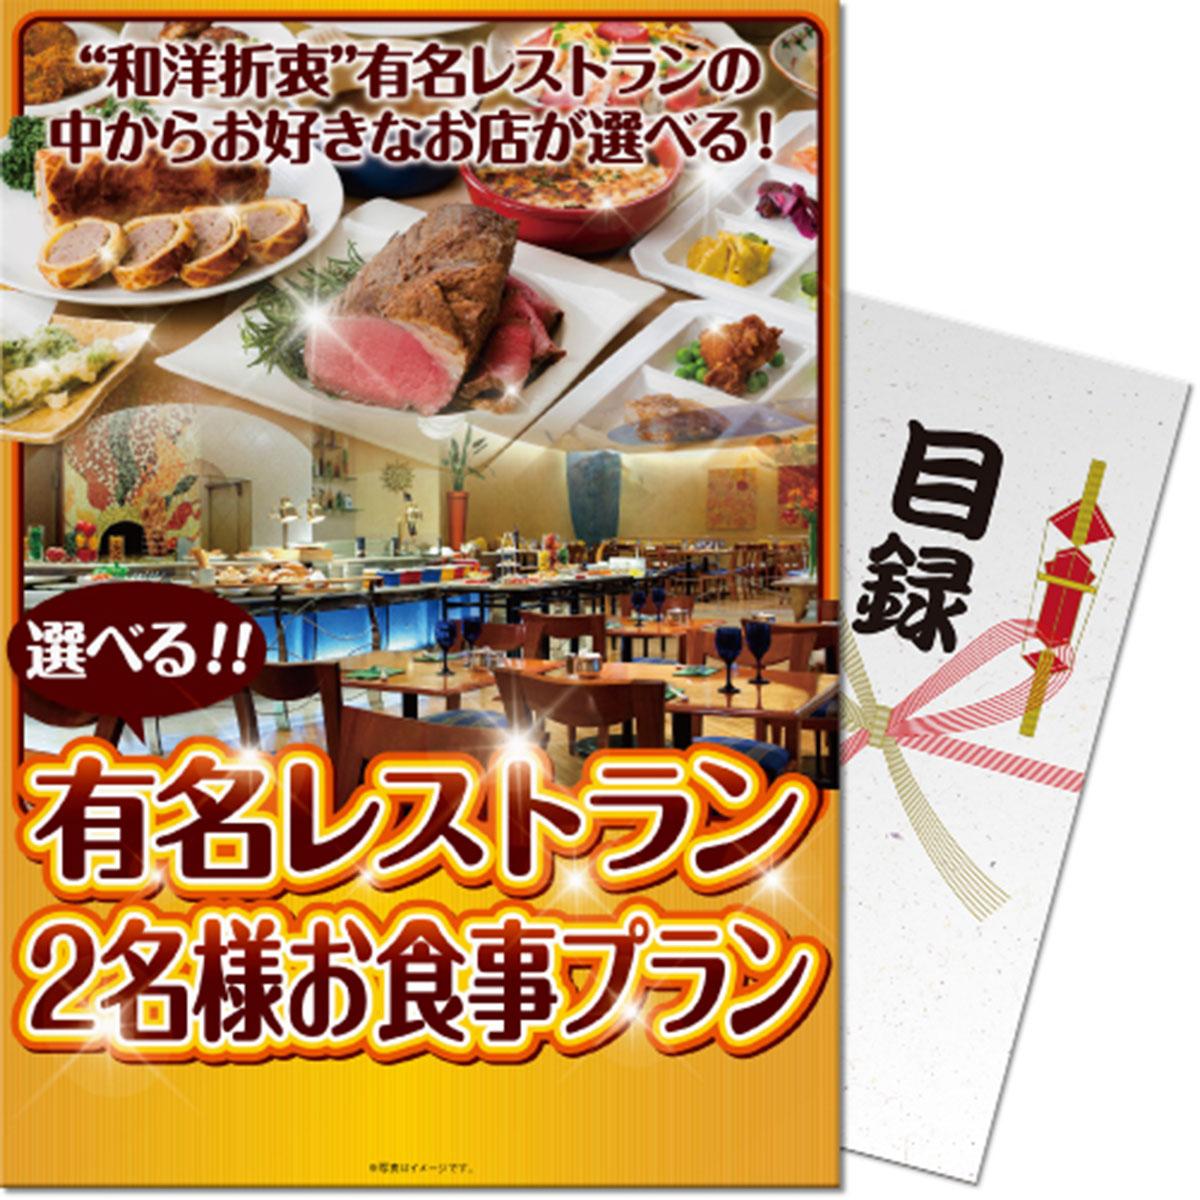 パネもく!選べる全国有名レストラン SELECT20 目録 A4パネル付き